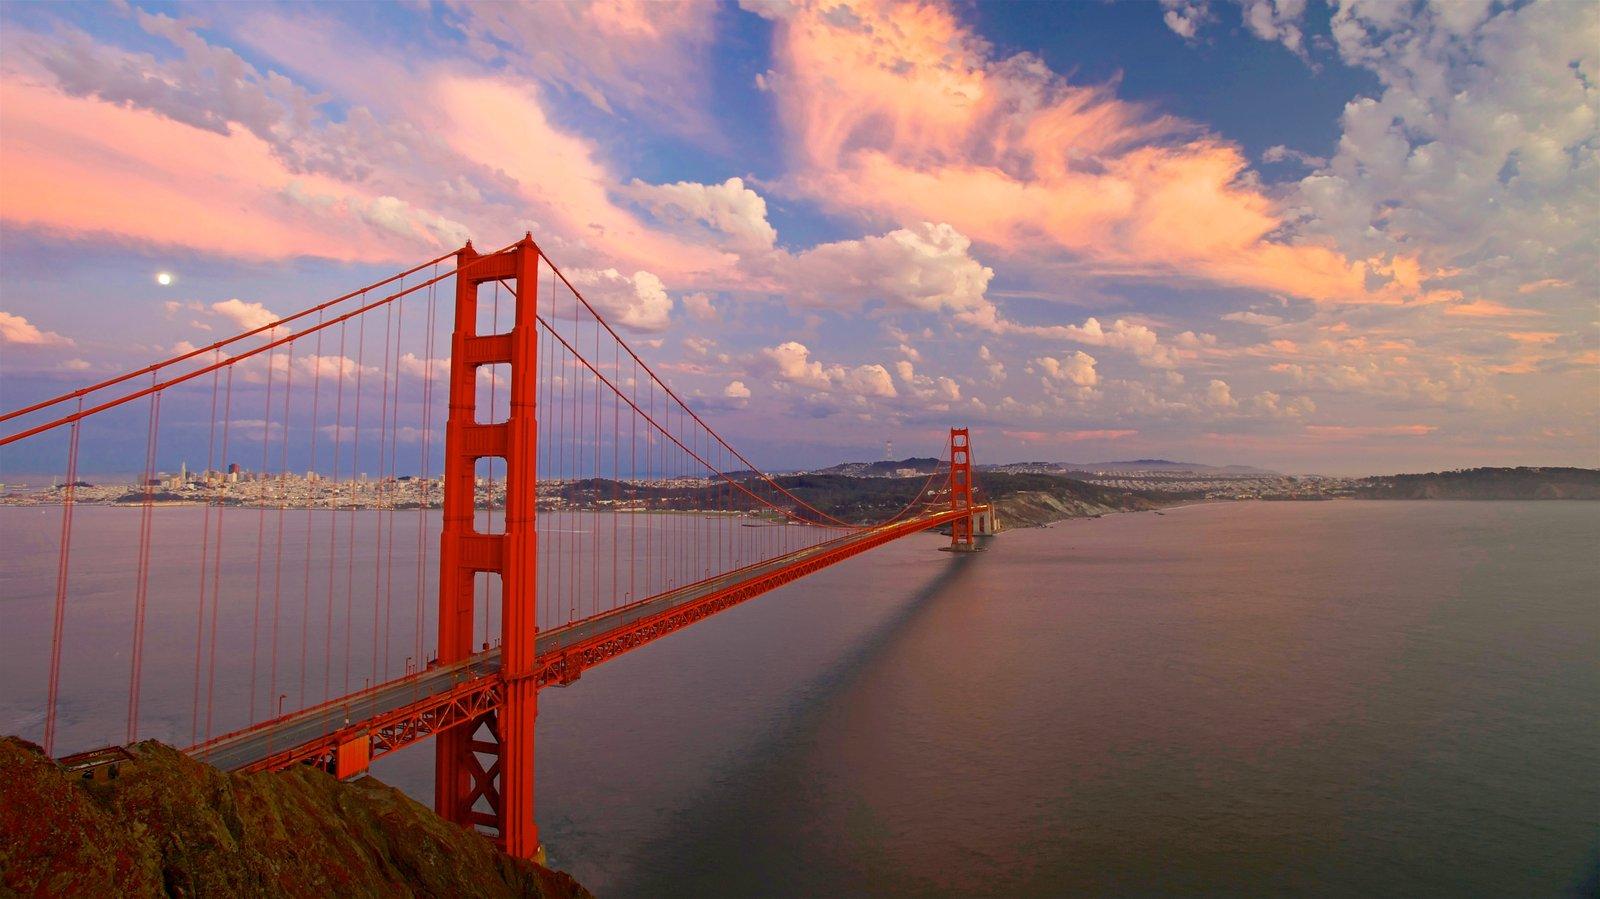 Golden Gate Bridge mostrando um pôr do sol, um rio ou córrego e uma ponte